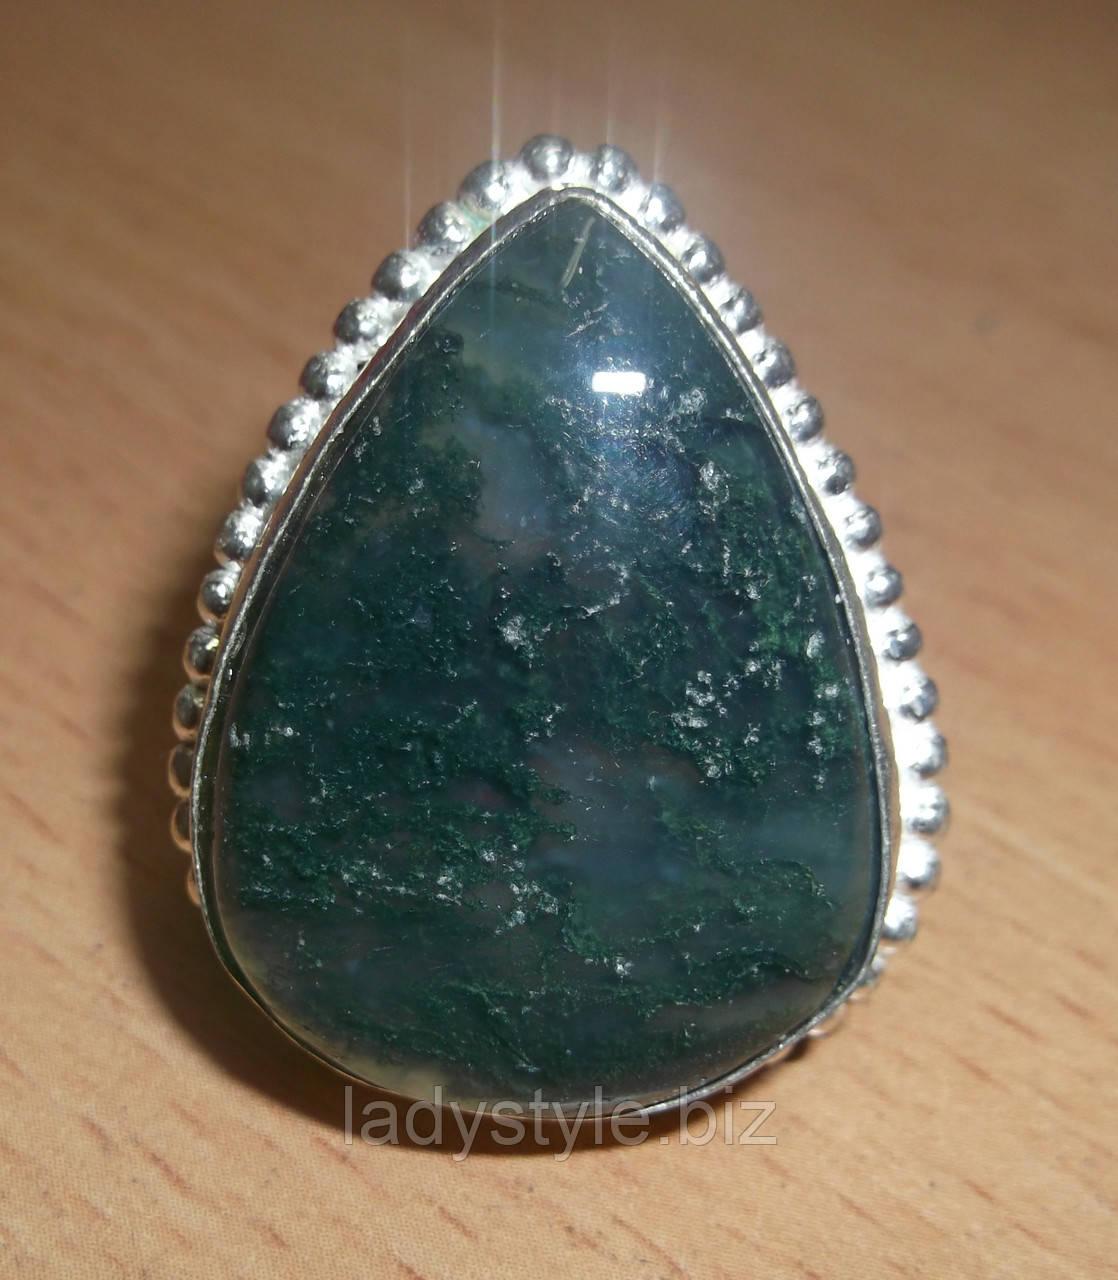 Шикарное кольцо с моховым агатом, размер 19,3